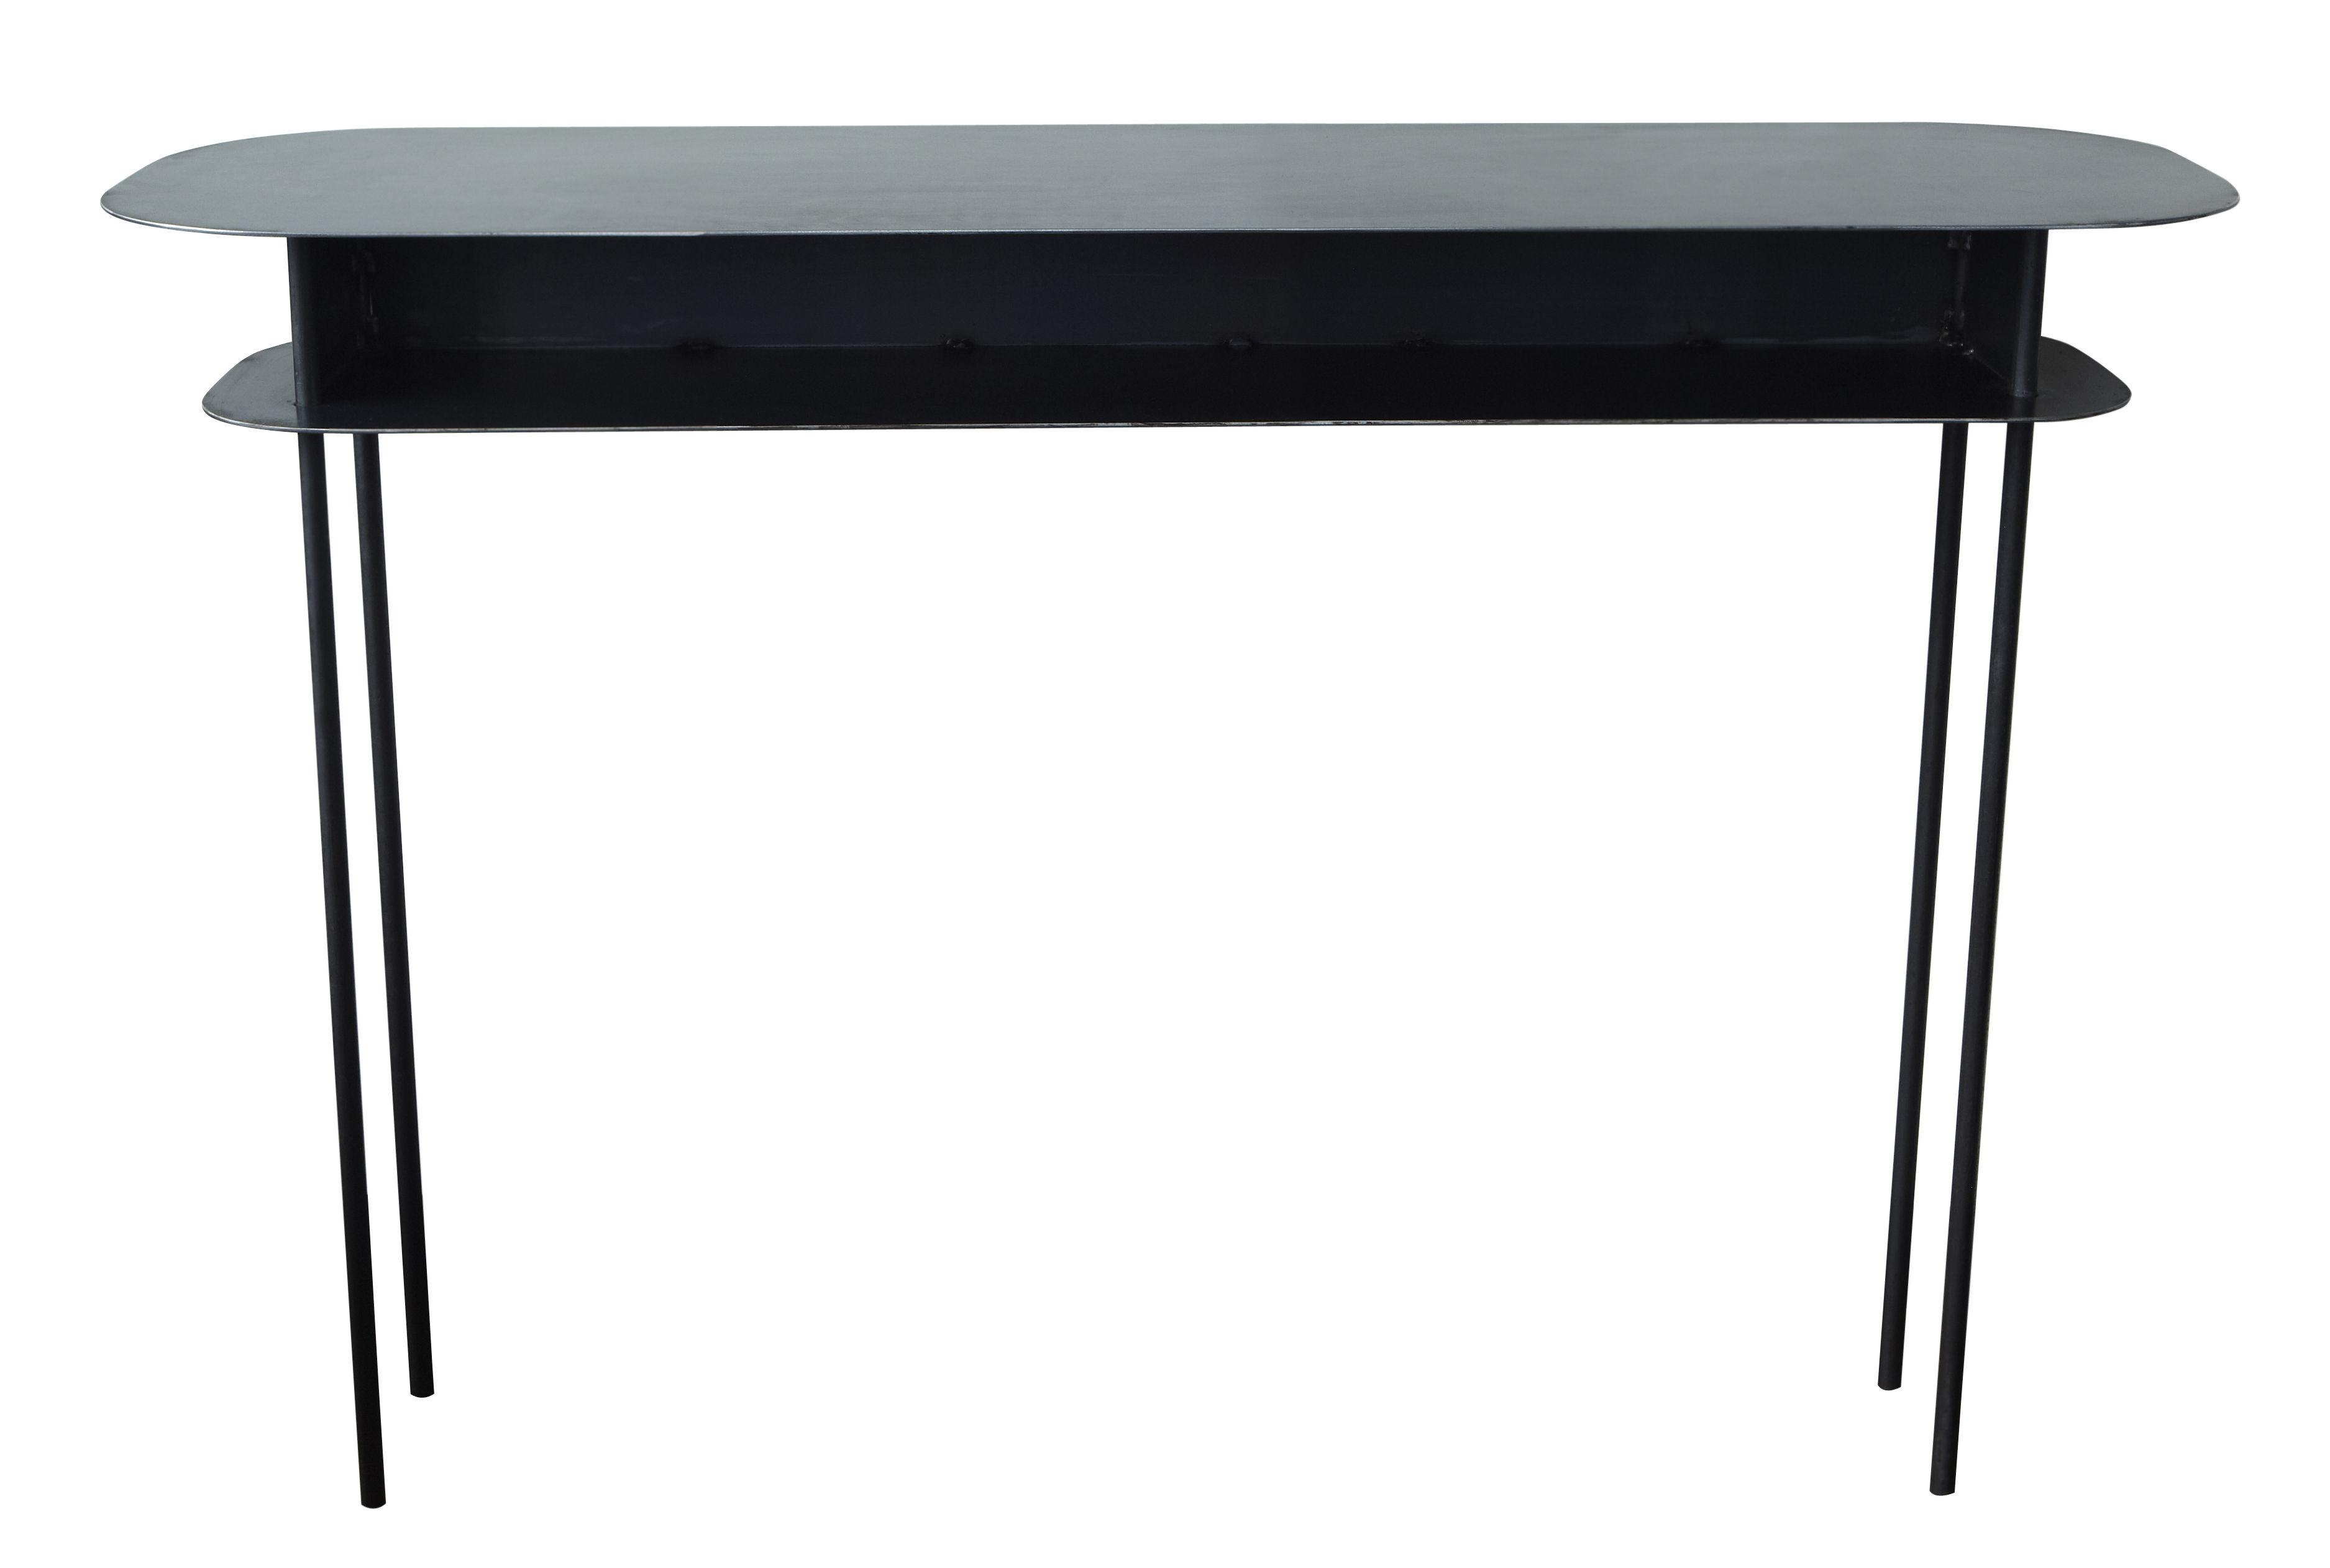 Möbel - Konsole - Tokyo Konsole / 110 x 40 cm - Maison Sarah Lavoine - Schwarz - Stahl